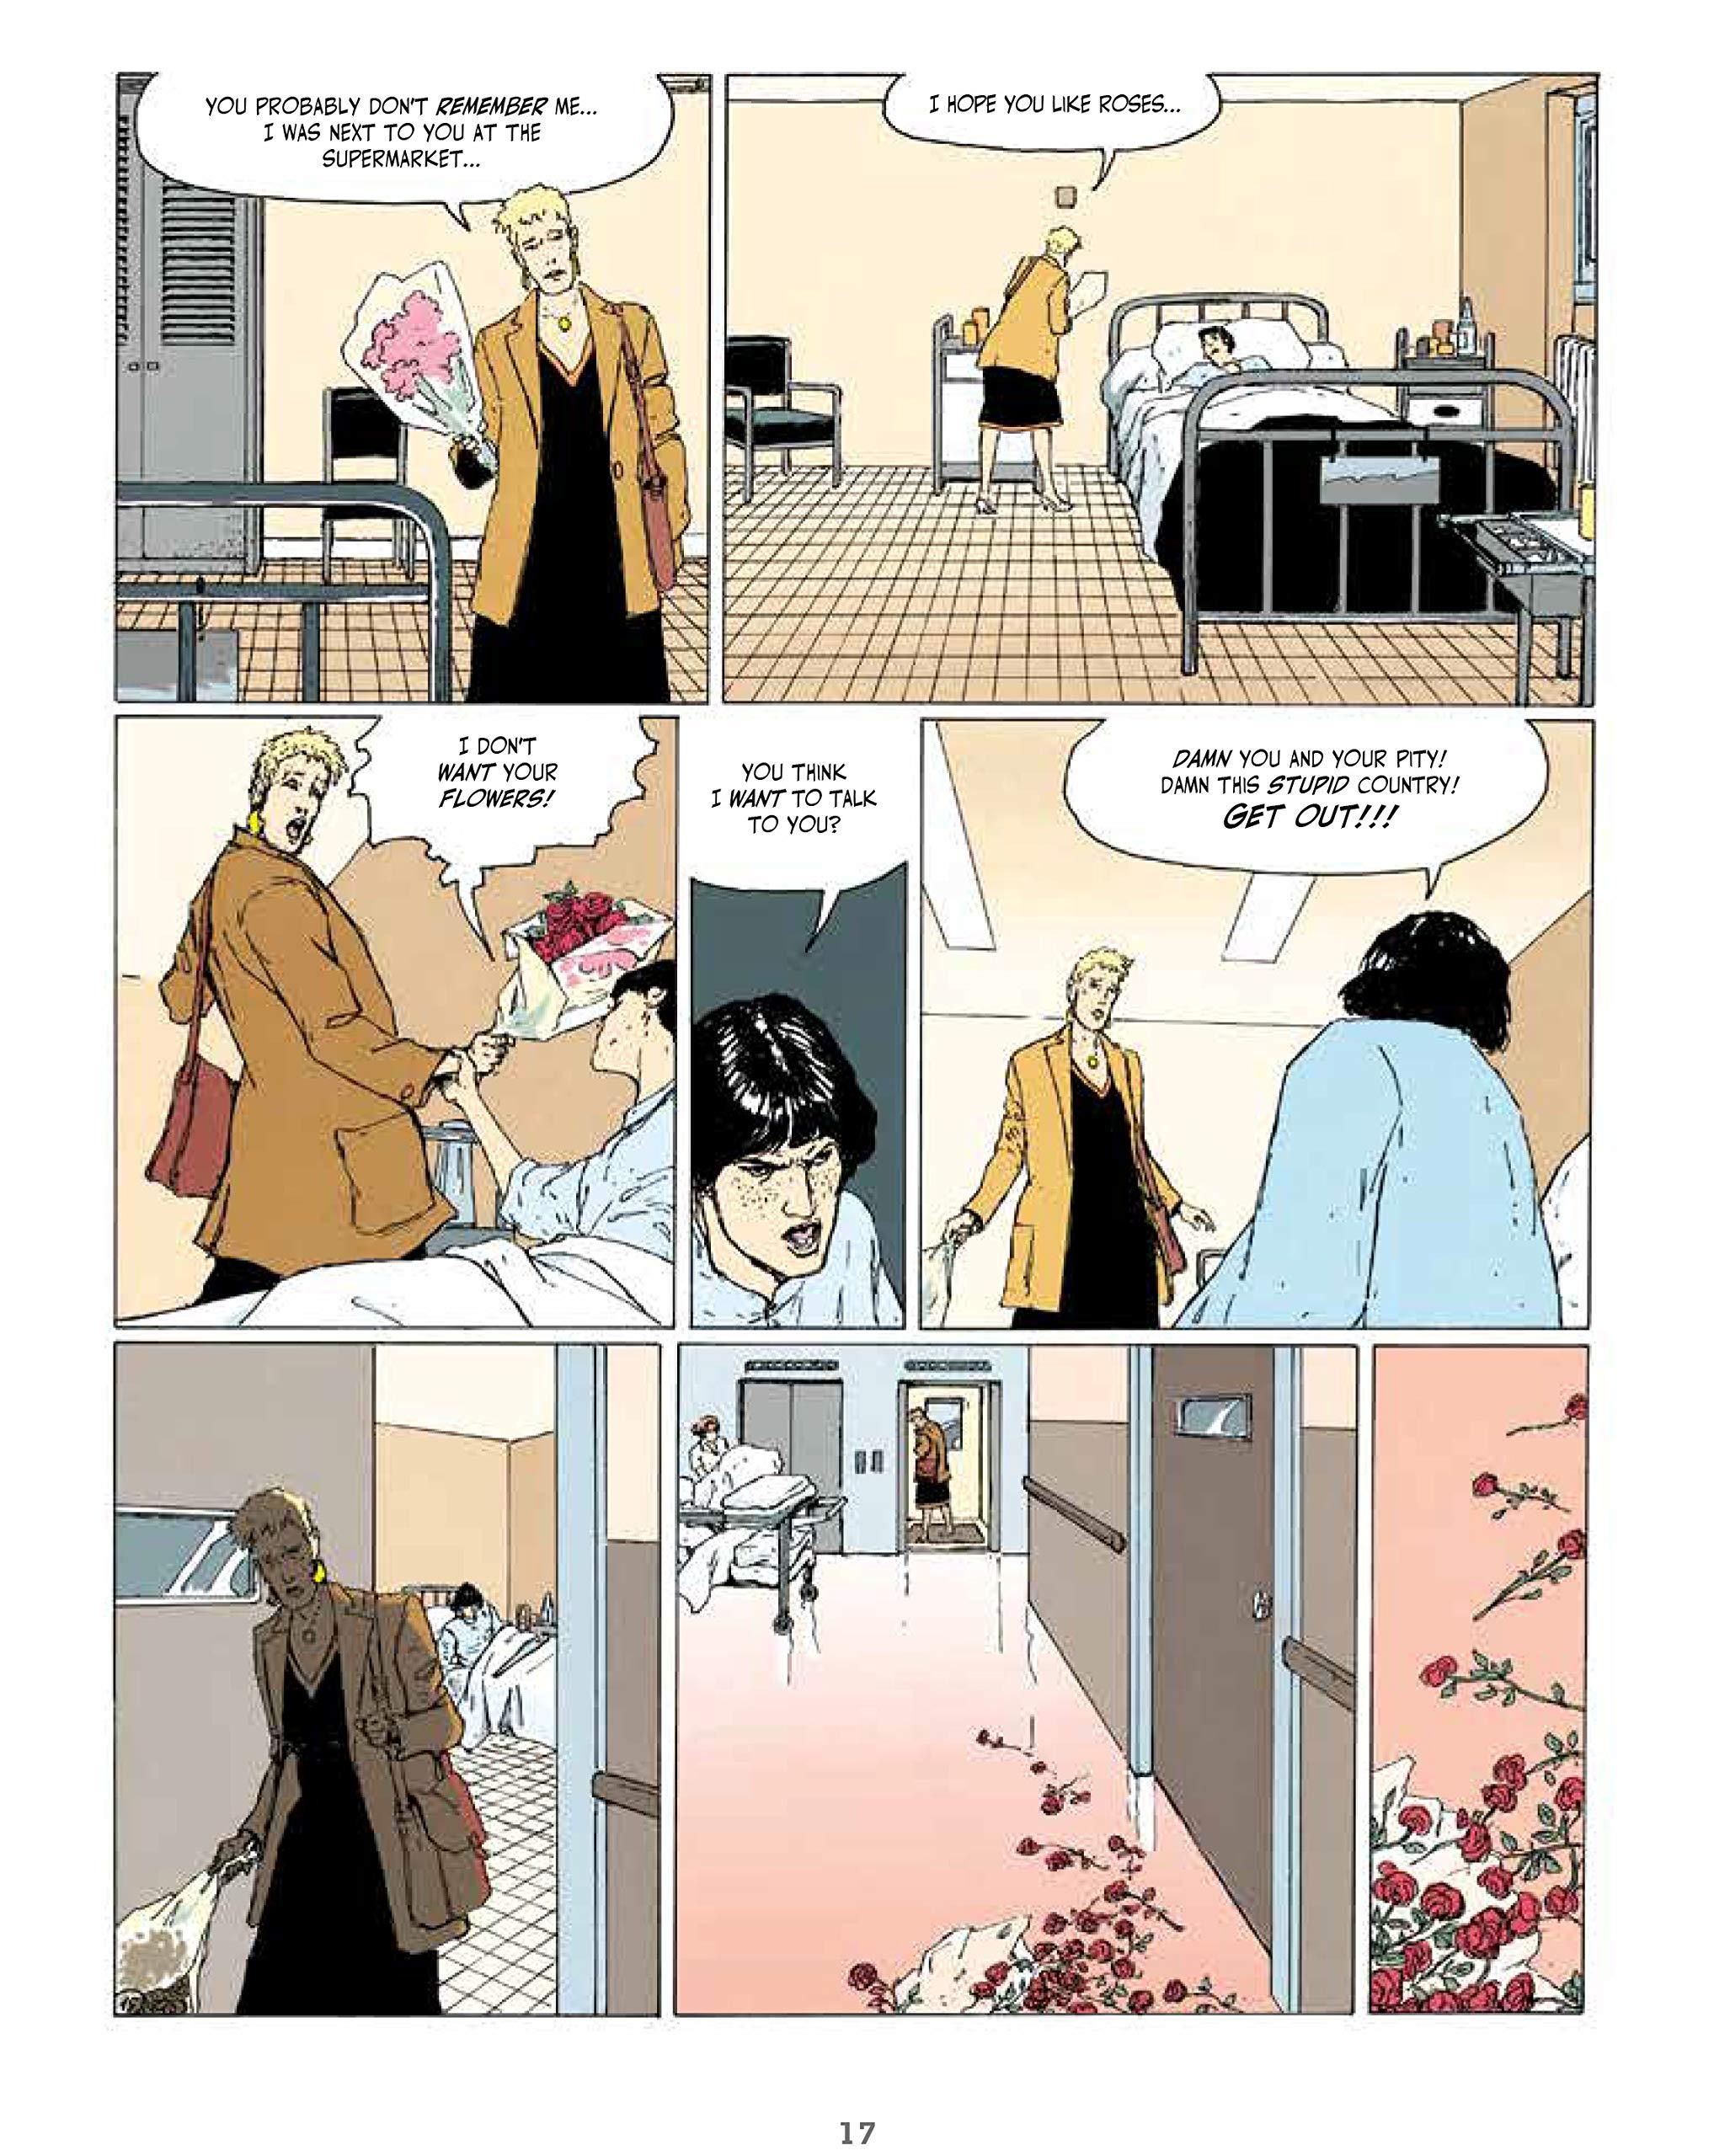 An Intense Feminist Crime Comics Dark Rage By Thierry Smolderen 7